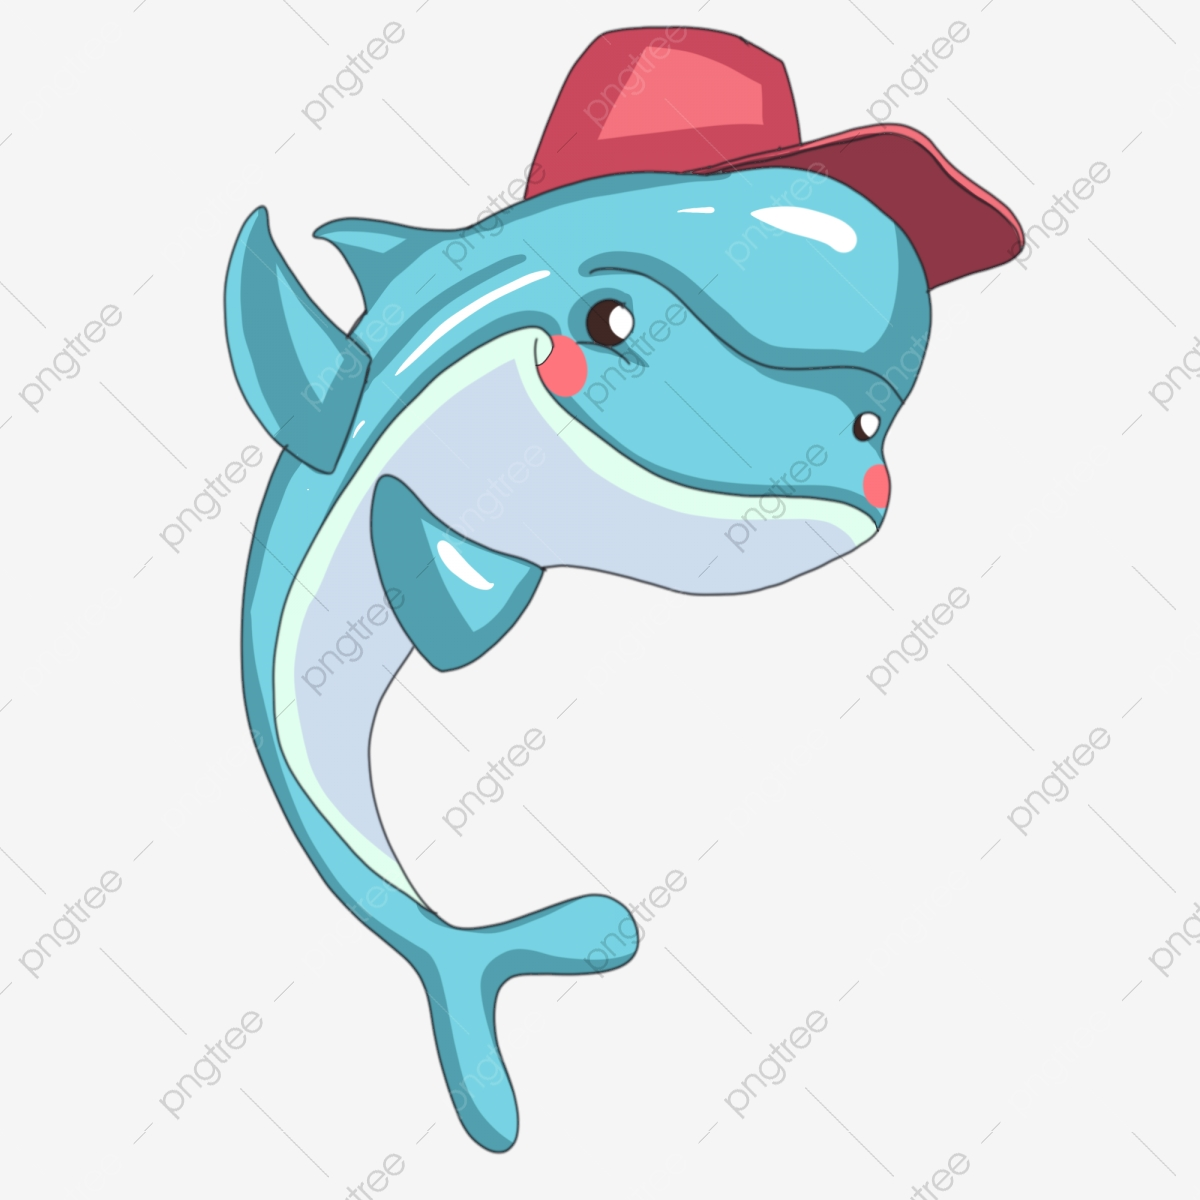 Gambar Haiwan Ikan Lumba Lumba Lautan Ilustrasi Kartun Haiwan Lautan Png Dan Psd Untuk Muat Turun Percuma